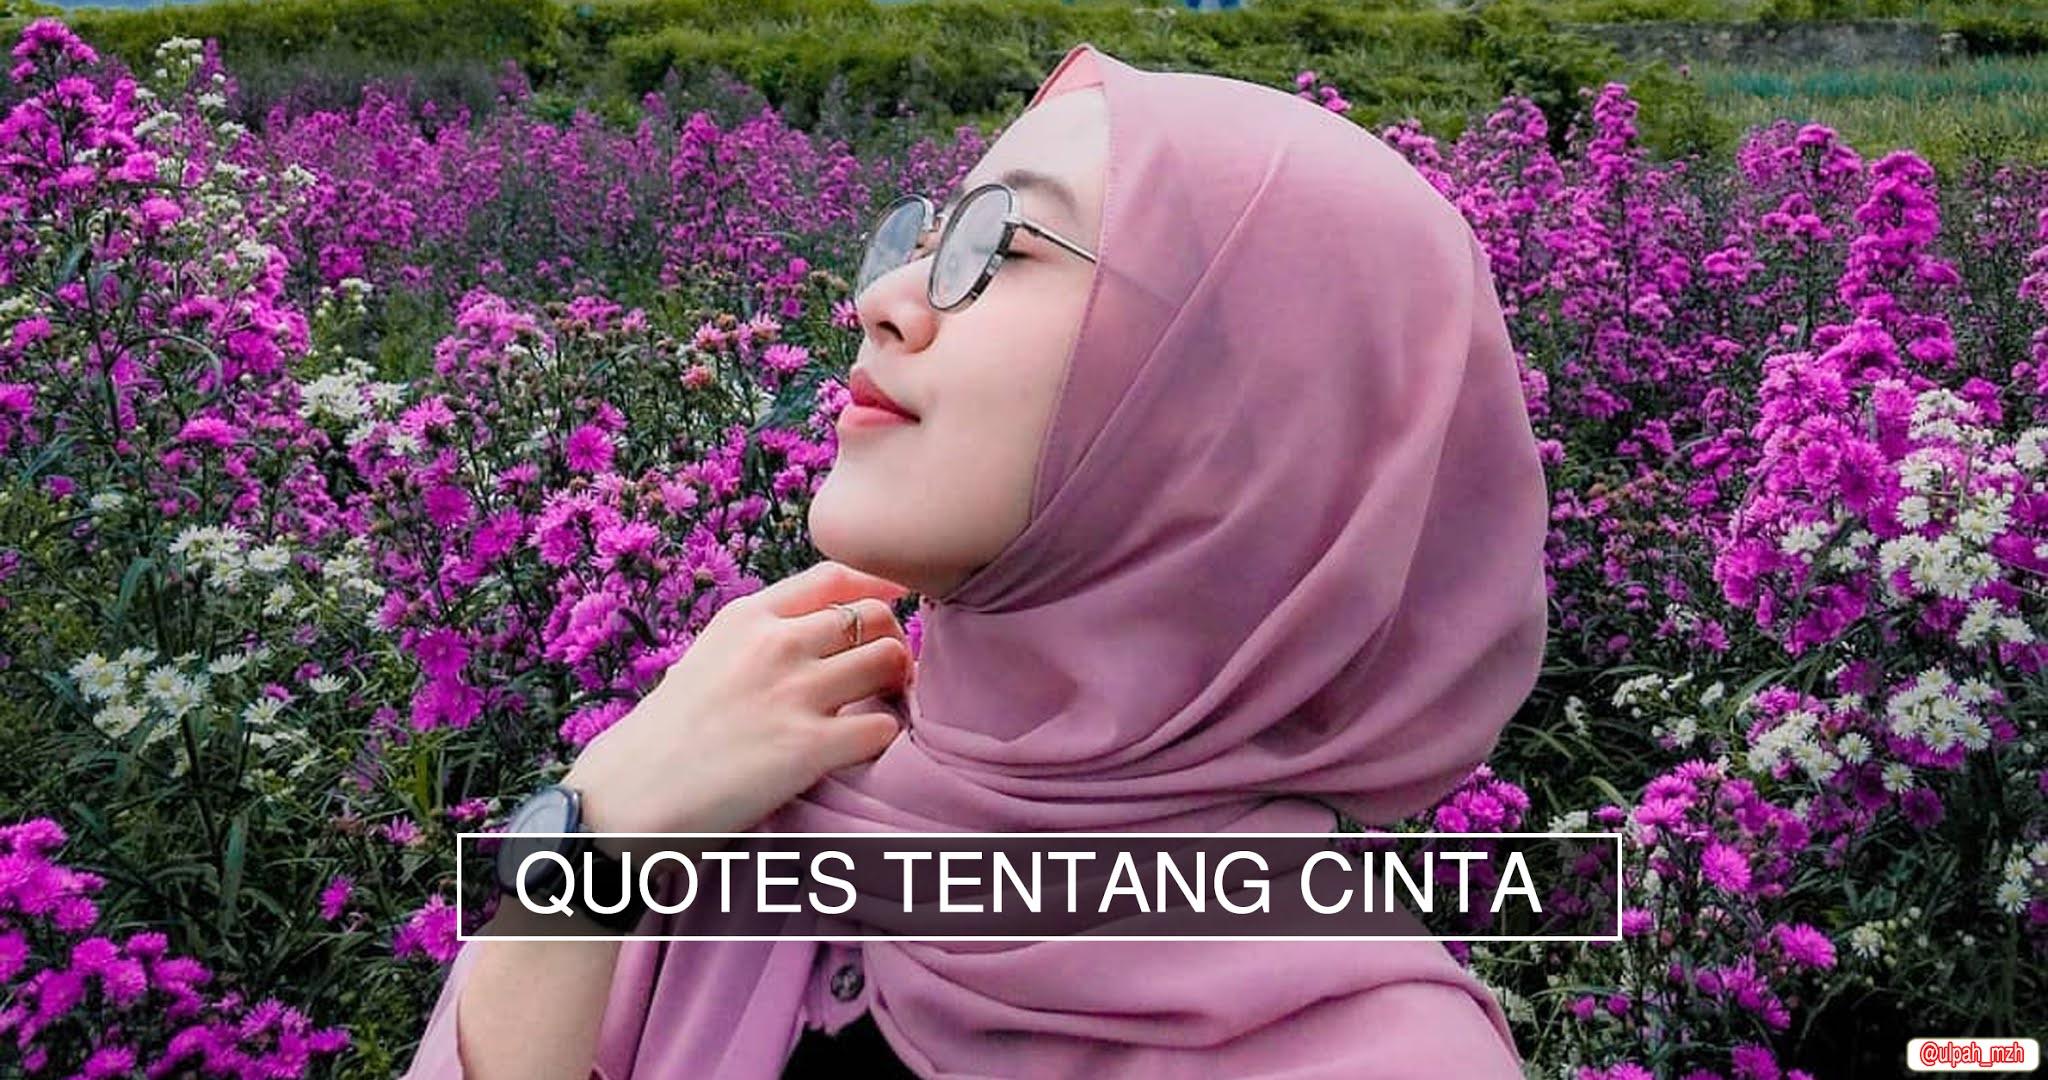 Quotes Tentang Cinta Yang Bikin Kamu Baper